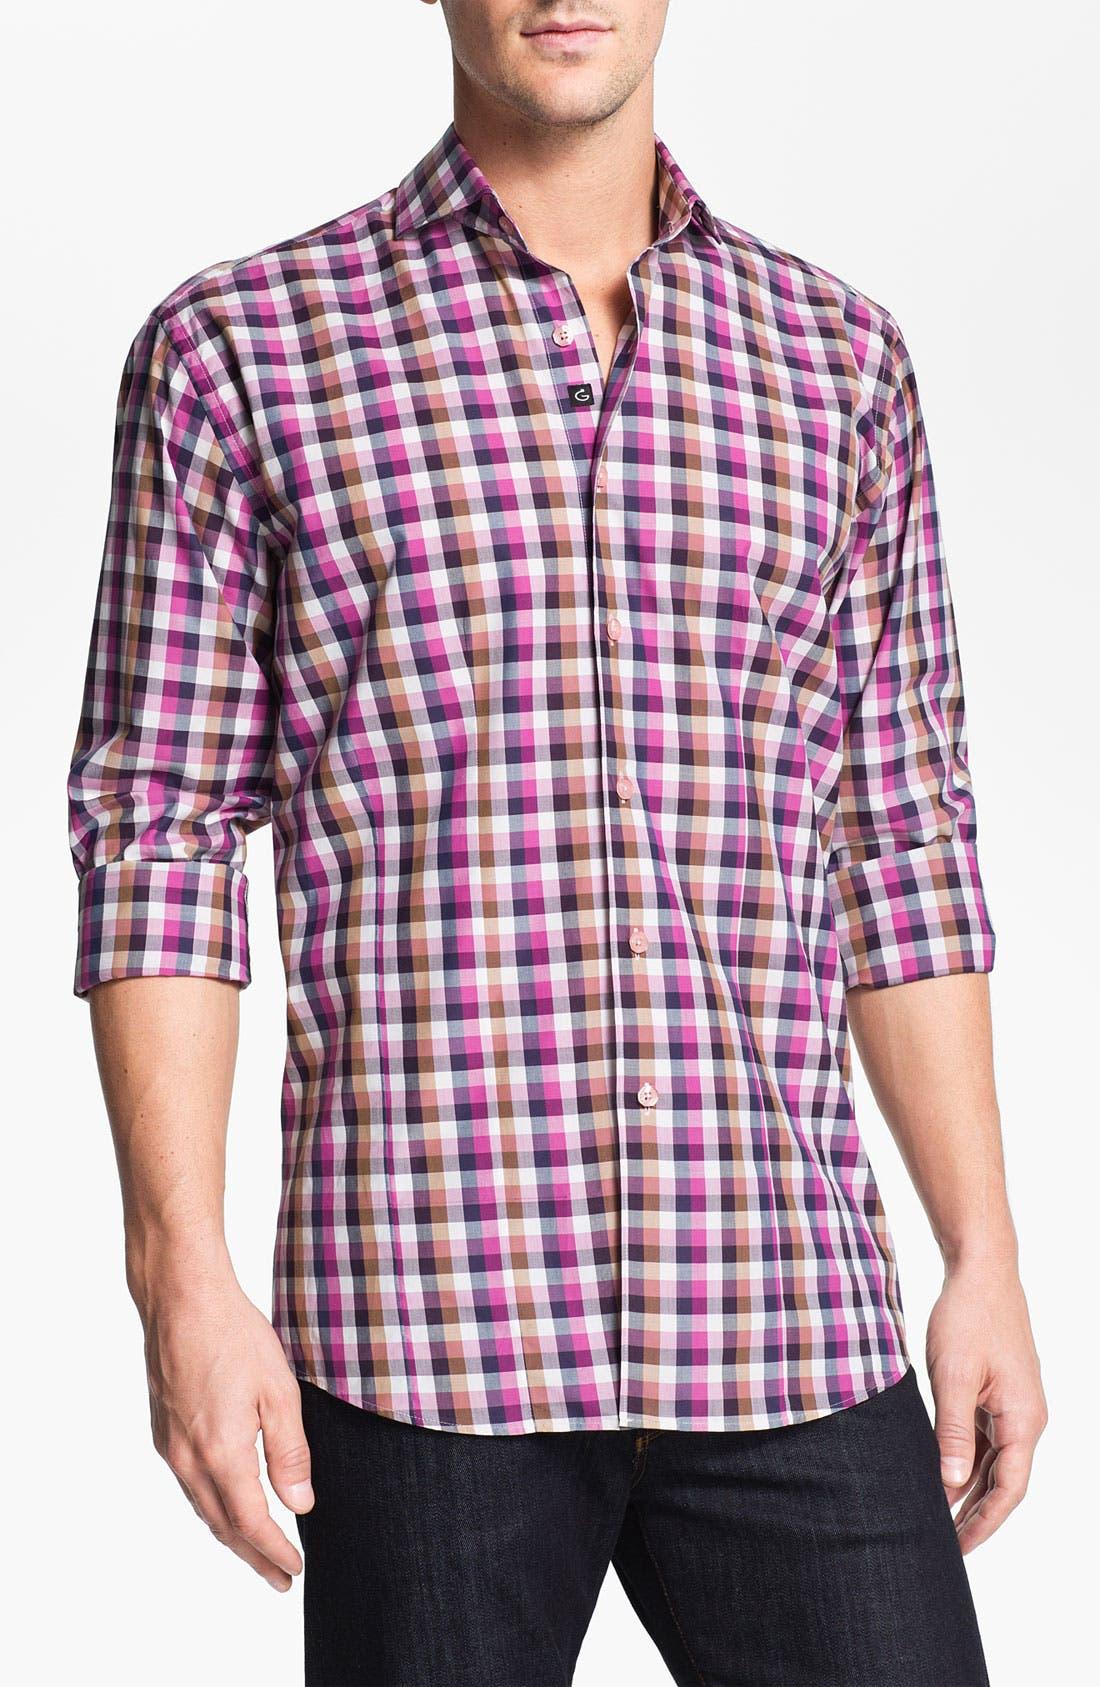 Alternate Image 1 Selected - Bogosse 'Chain 46' Sport Shirt